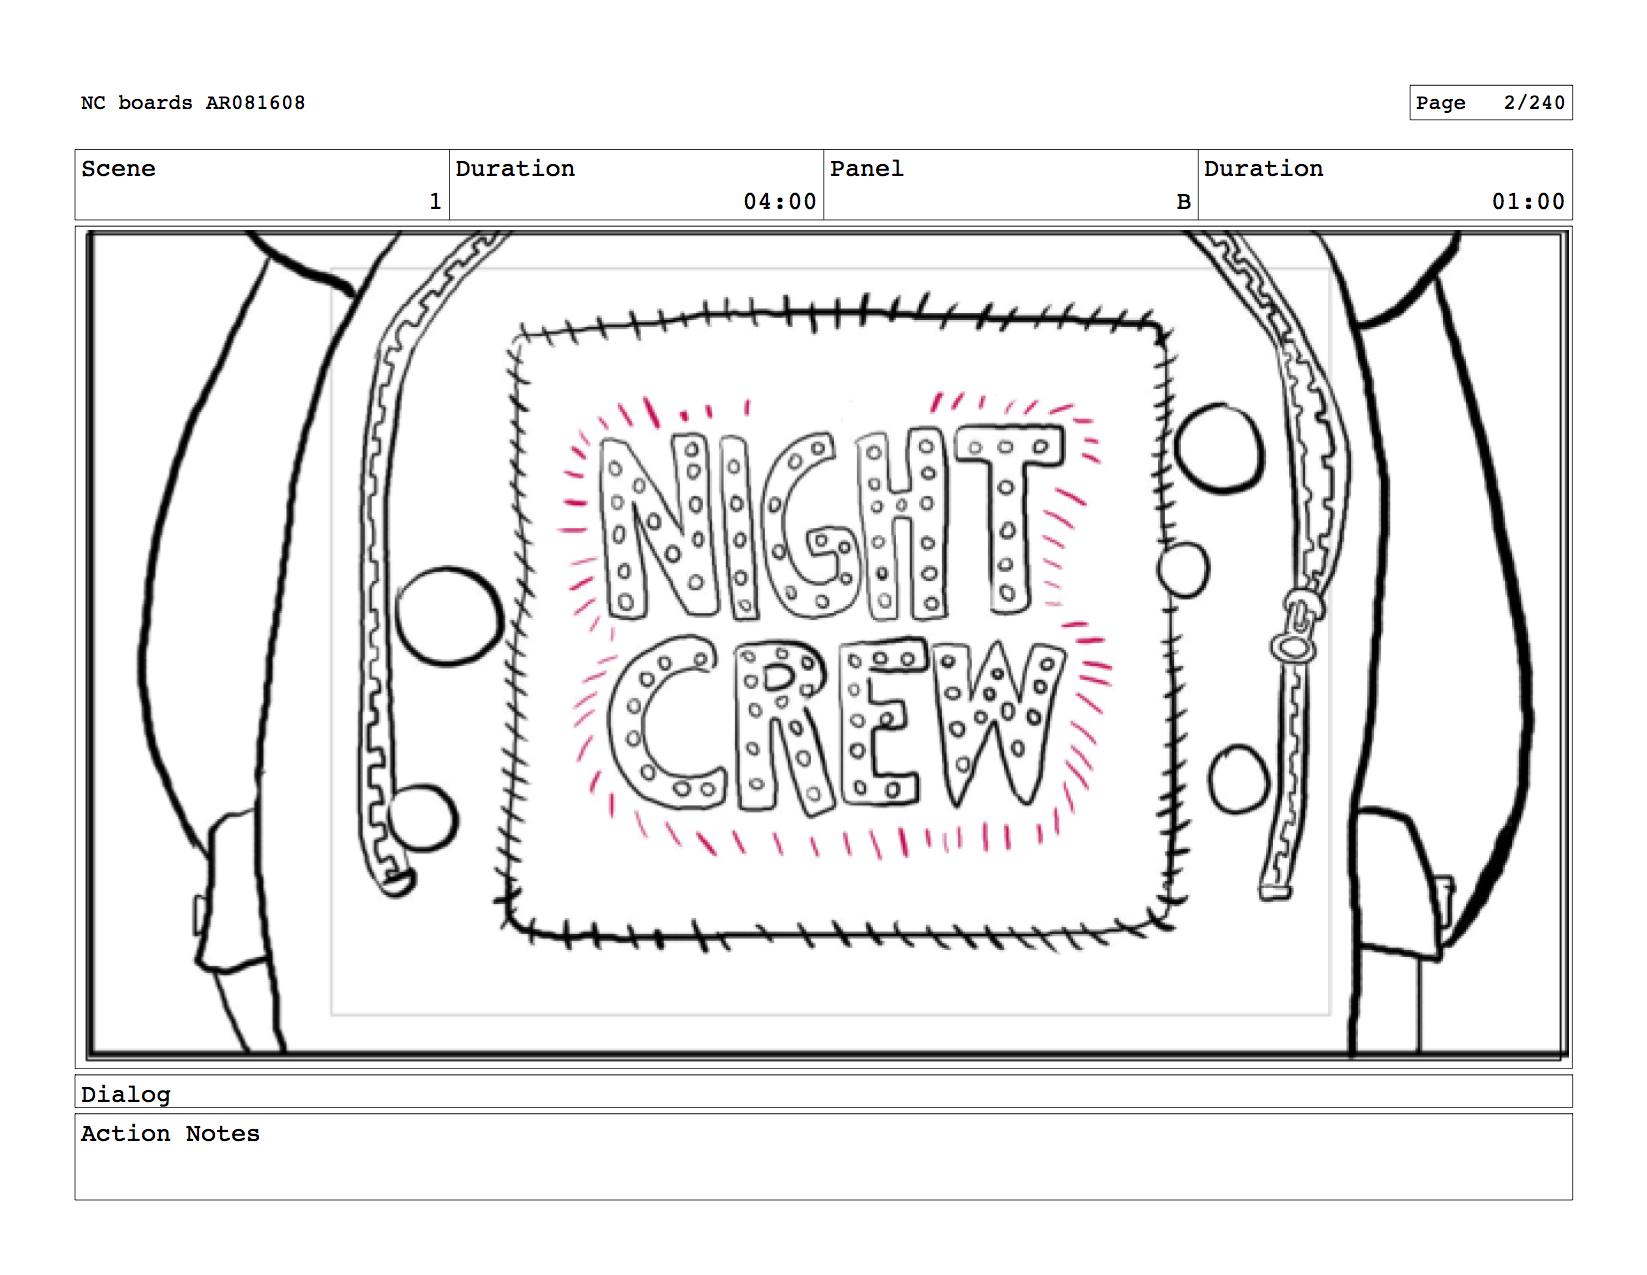 NCW_Storyboard_090814_ALETH (dragged) 1.jpeg